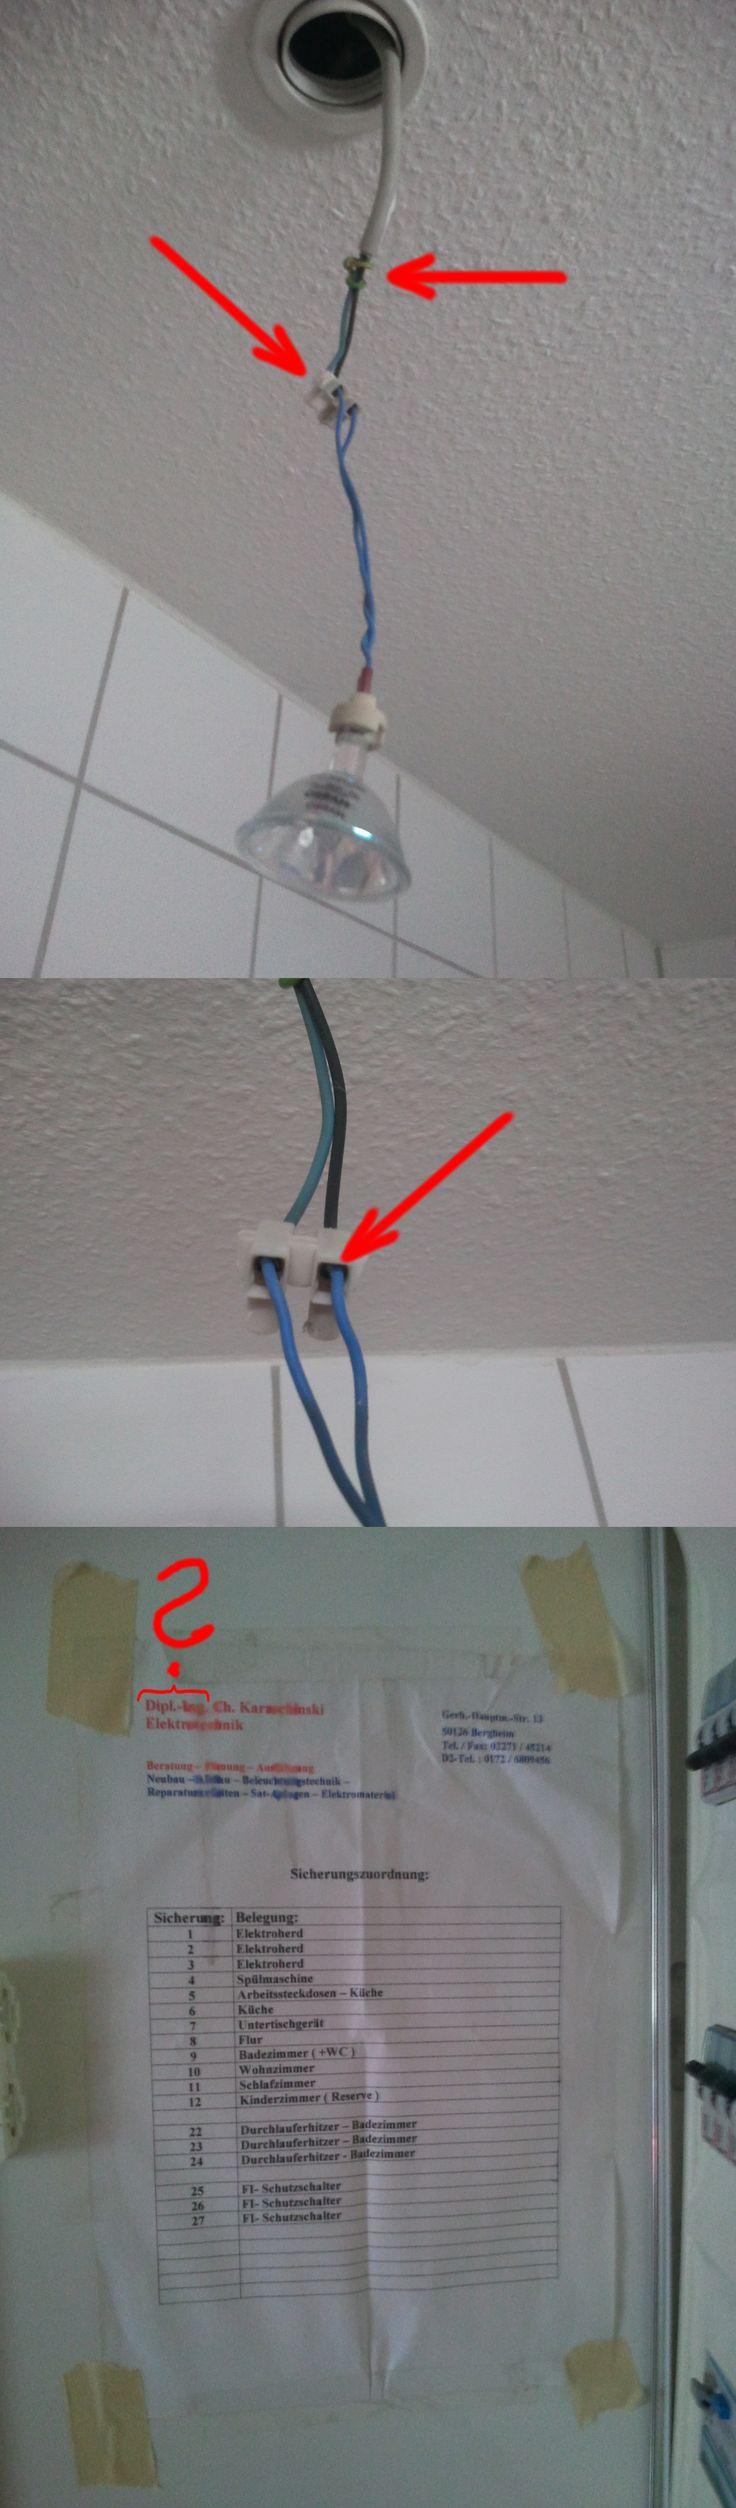 Wer hat hier gemurxt? Darf man einen Schutzleiter so verlegen? Darf man flexible Adern ohne Aderendhülsen anklemmen? Warum sollte man es TUNLICHST vermeiden, daß sich die Aderisolierung unsachgemäß in der Klemmstelle IM KLEMMBEREICH befindet? Ungünstig in dem Zusammenhang, daß weder im Badezimmer noch auf dem Dachboden Rauchmelder angebracht sind!!! EDIT: Den Backofen-Hitzeschutz habe ich nachträglich angebracht! Neff Lampen- u. Lüftungsabdeckungen mit Siedewasser GEREINIGT, Spiral-ESL…